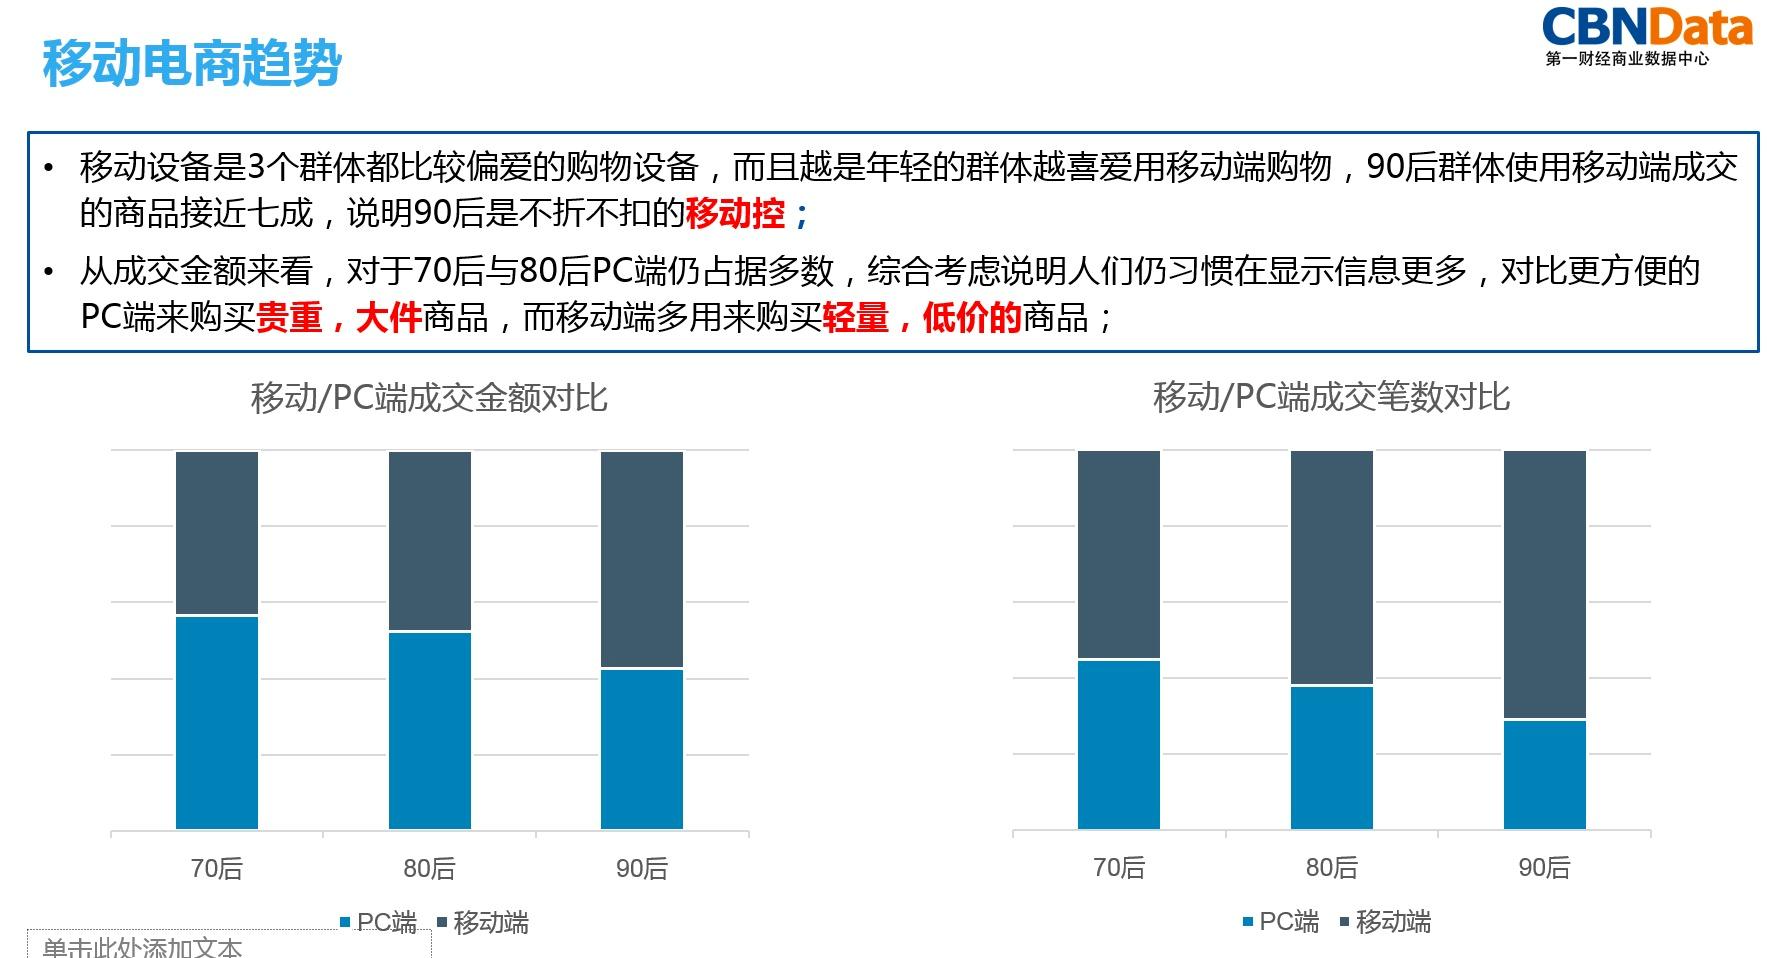 90后逐渐成为消费力量的构成主体,因此针对这三代人消费行为,消费偏好